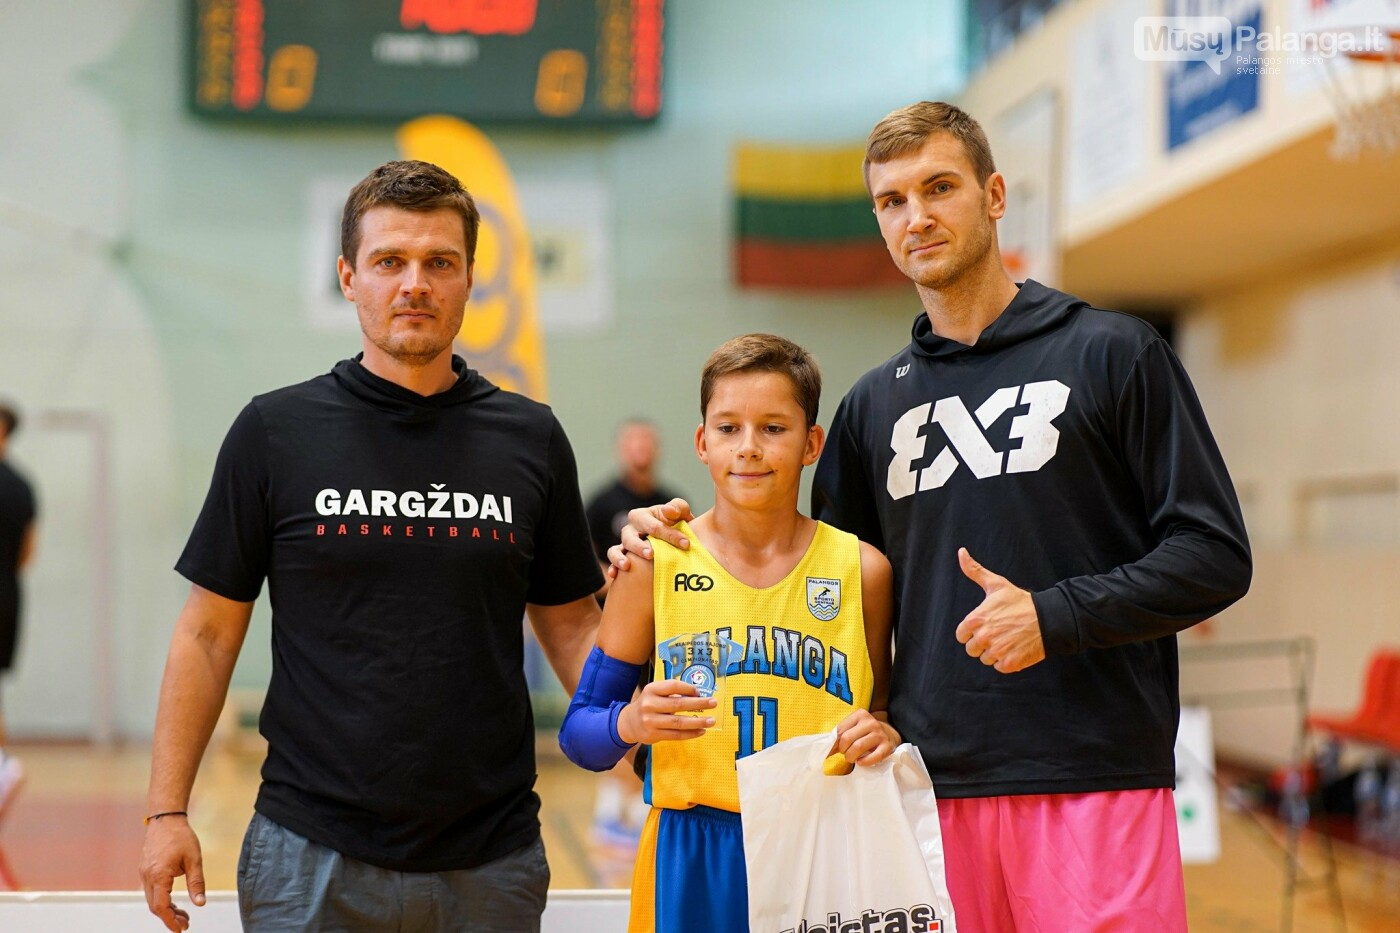 Klaipėdos rajono 3x3 čempionato U11 amžiaus grupės nugalėtojai Kuršiai Jr., nuotrauka-3